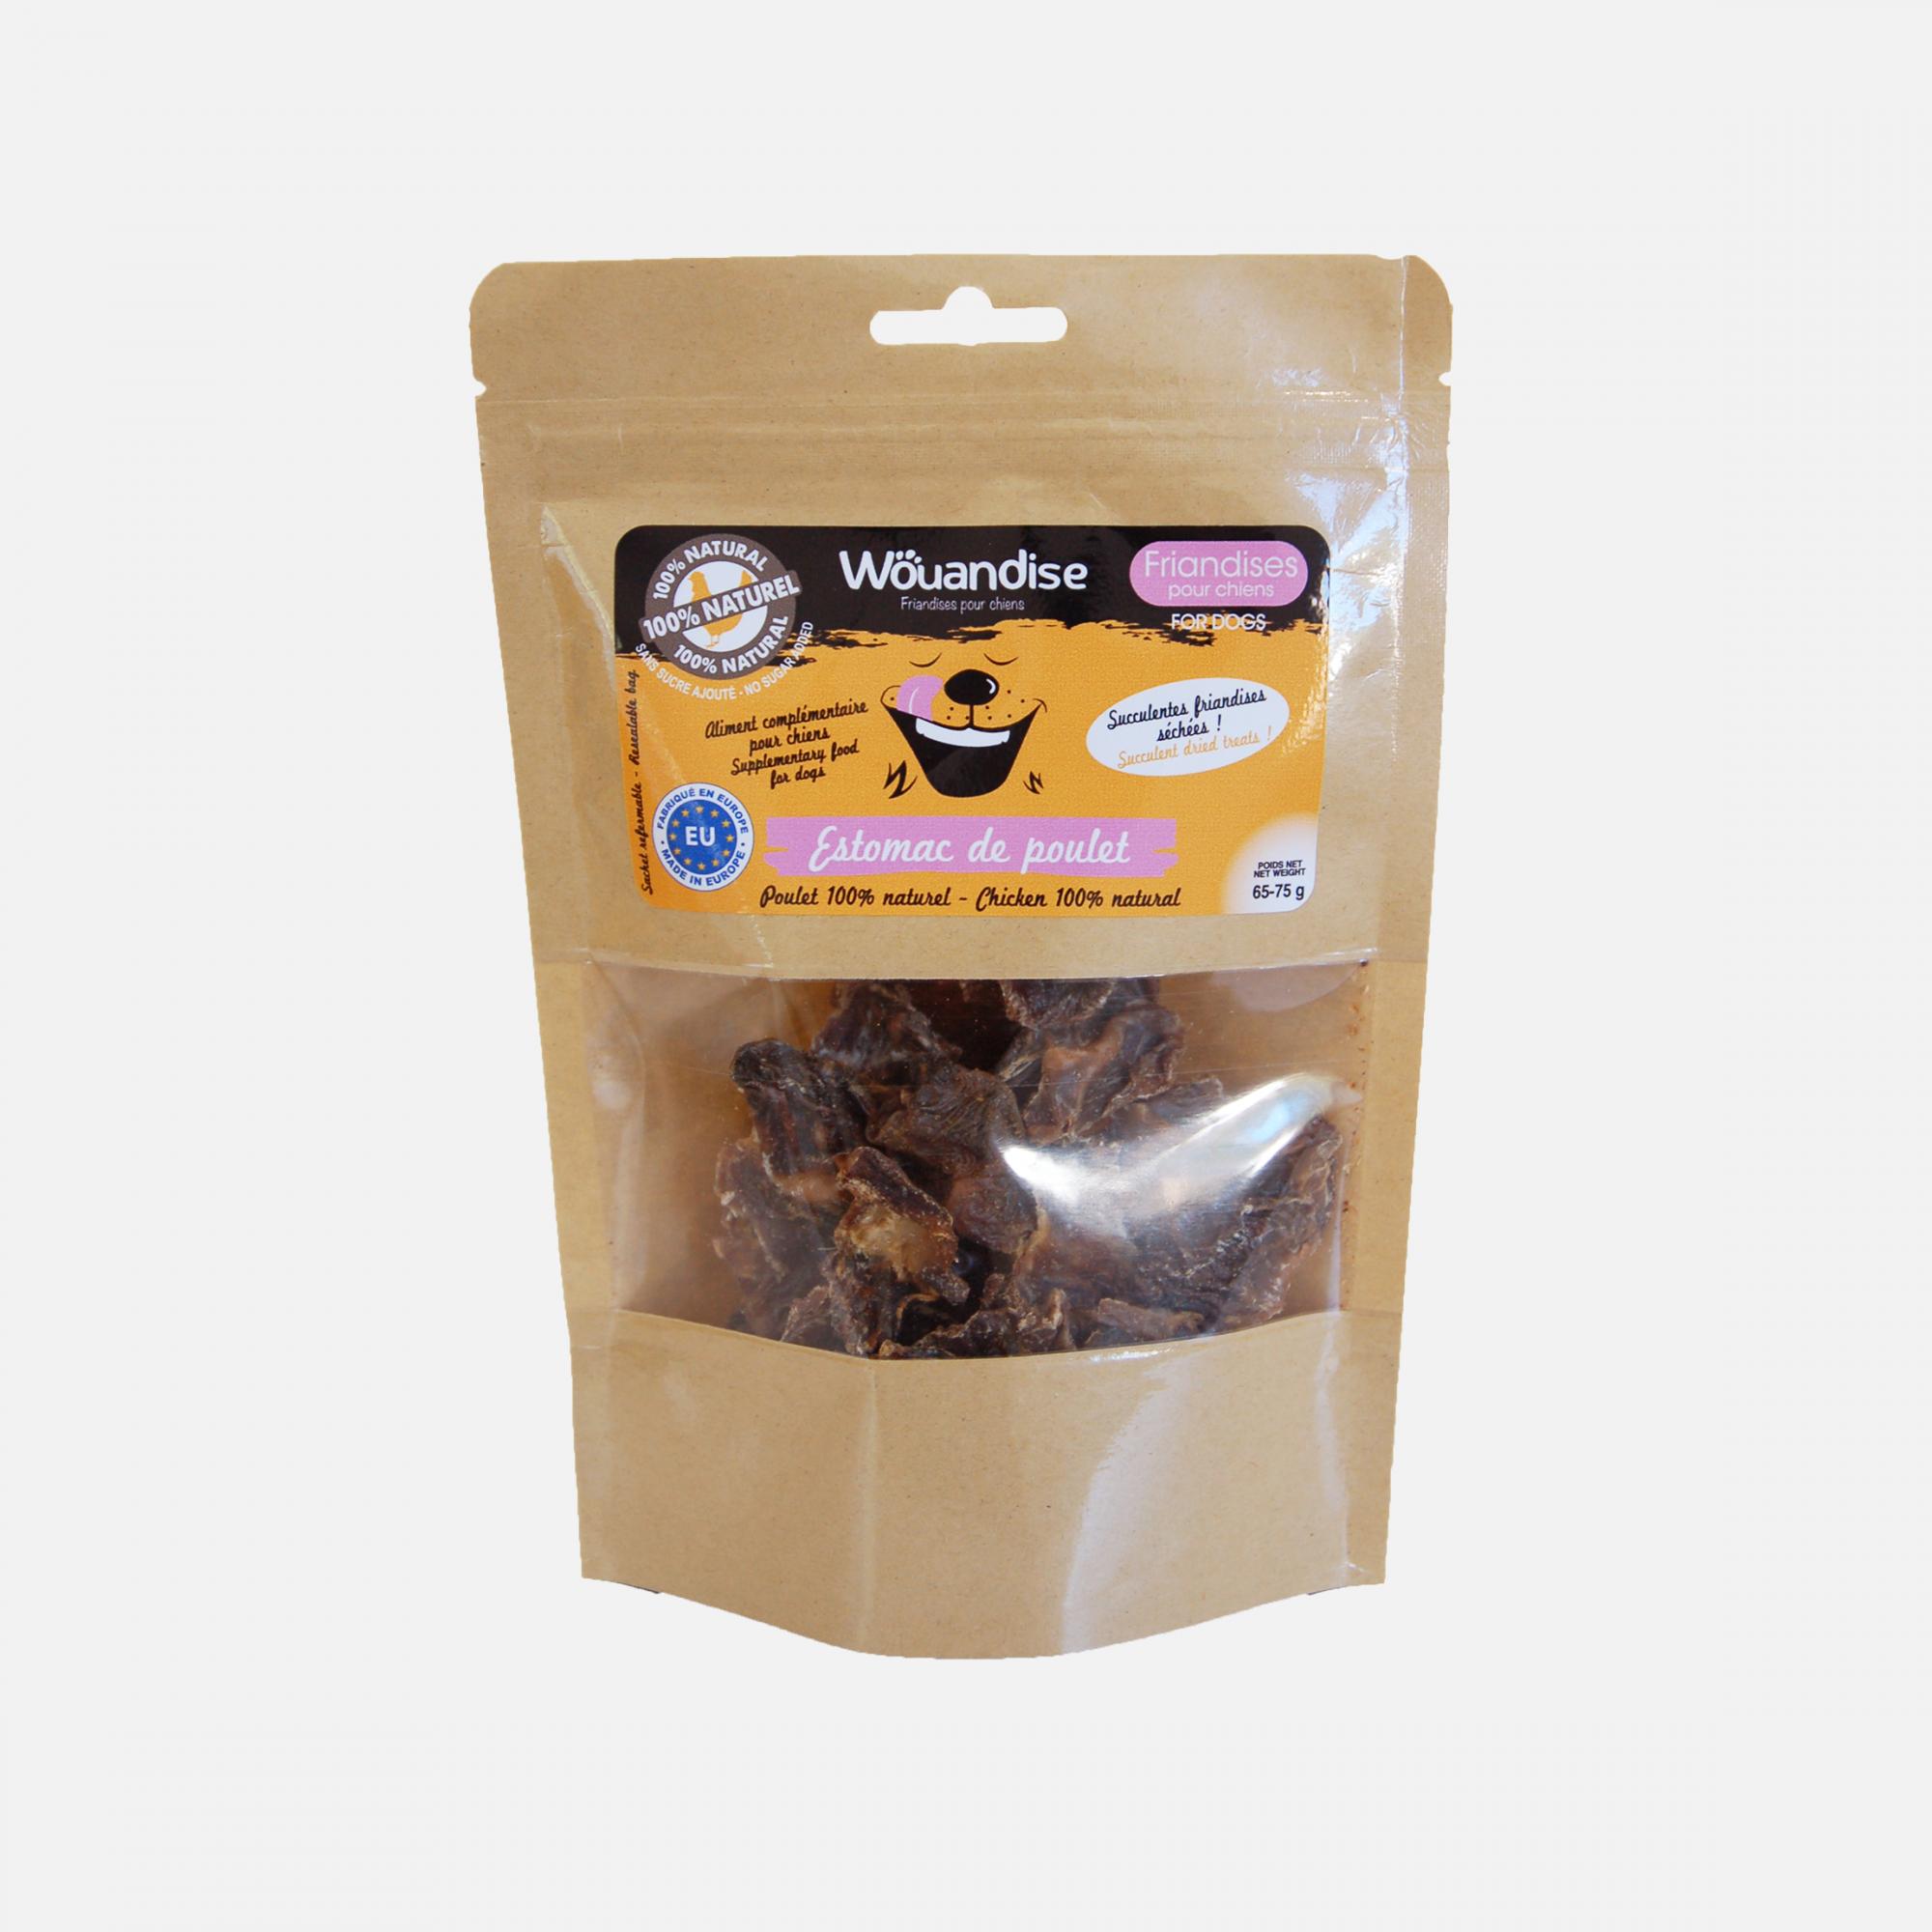 Friandises naturelles estomac de poulet par Wouapy